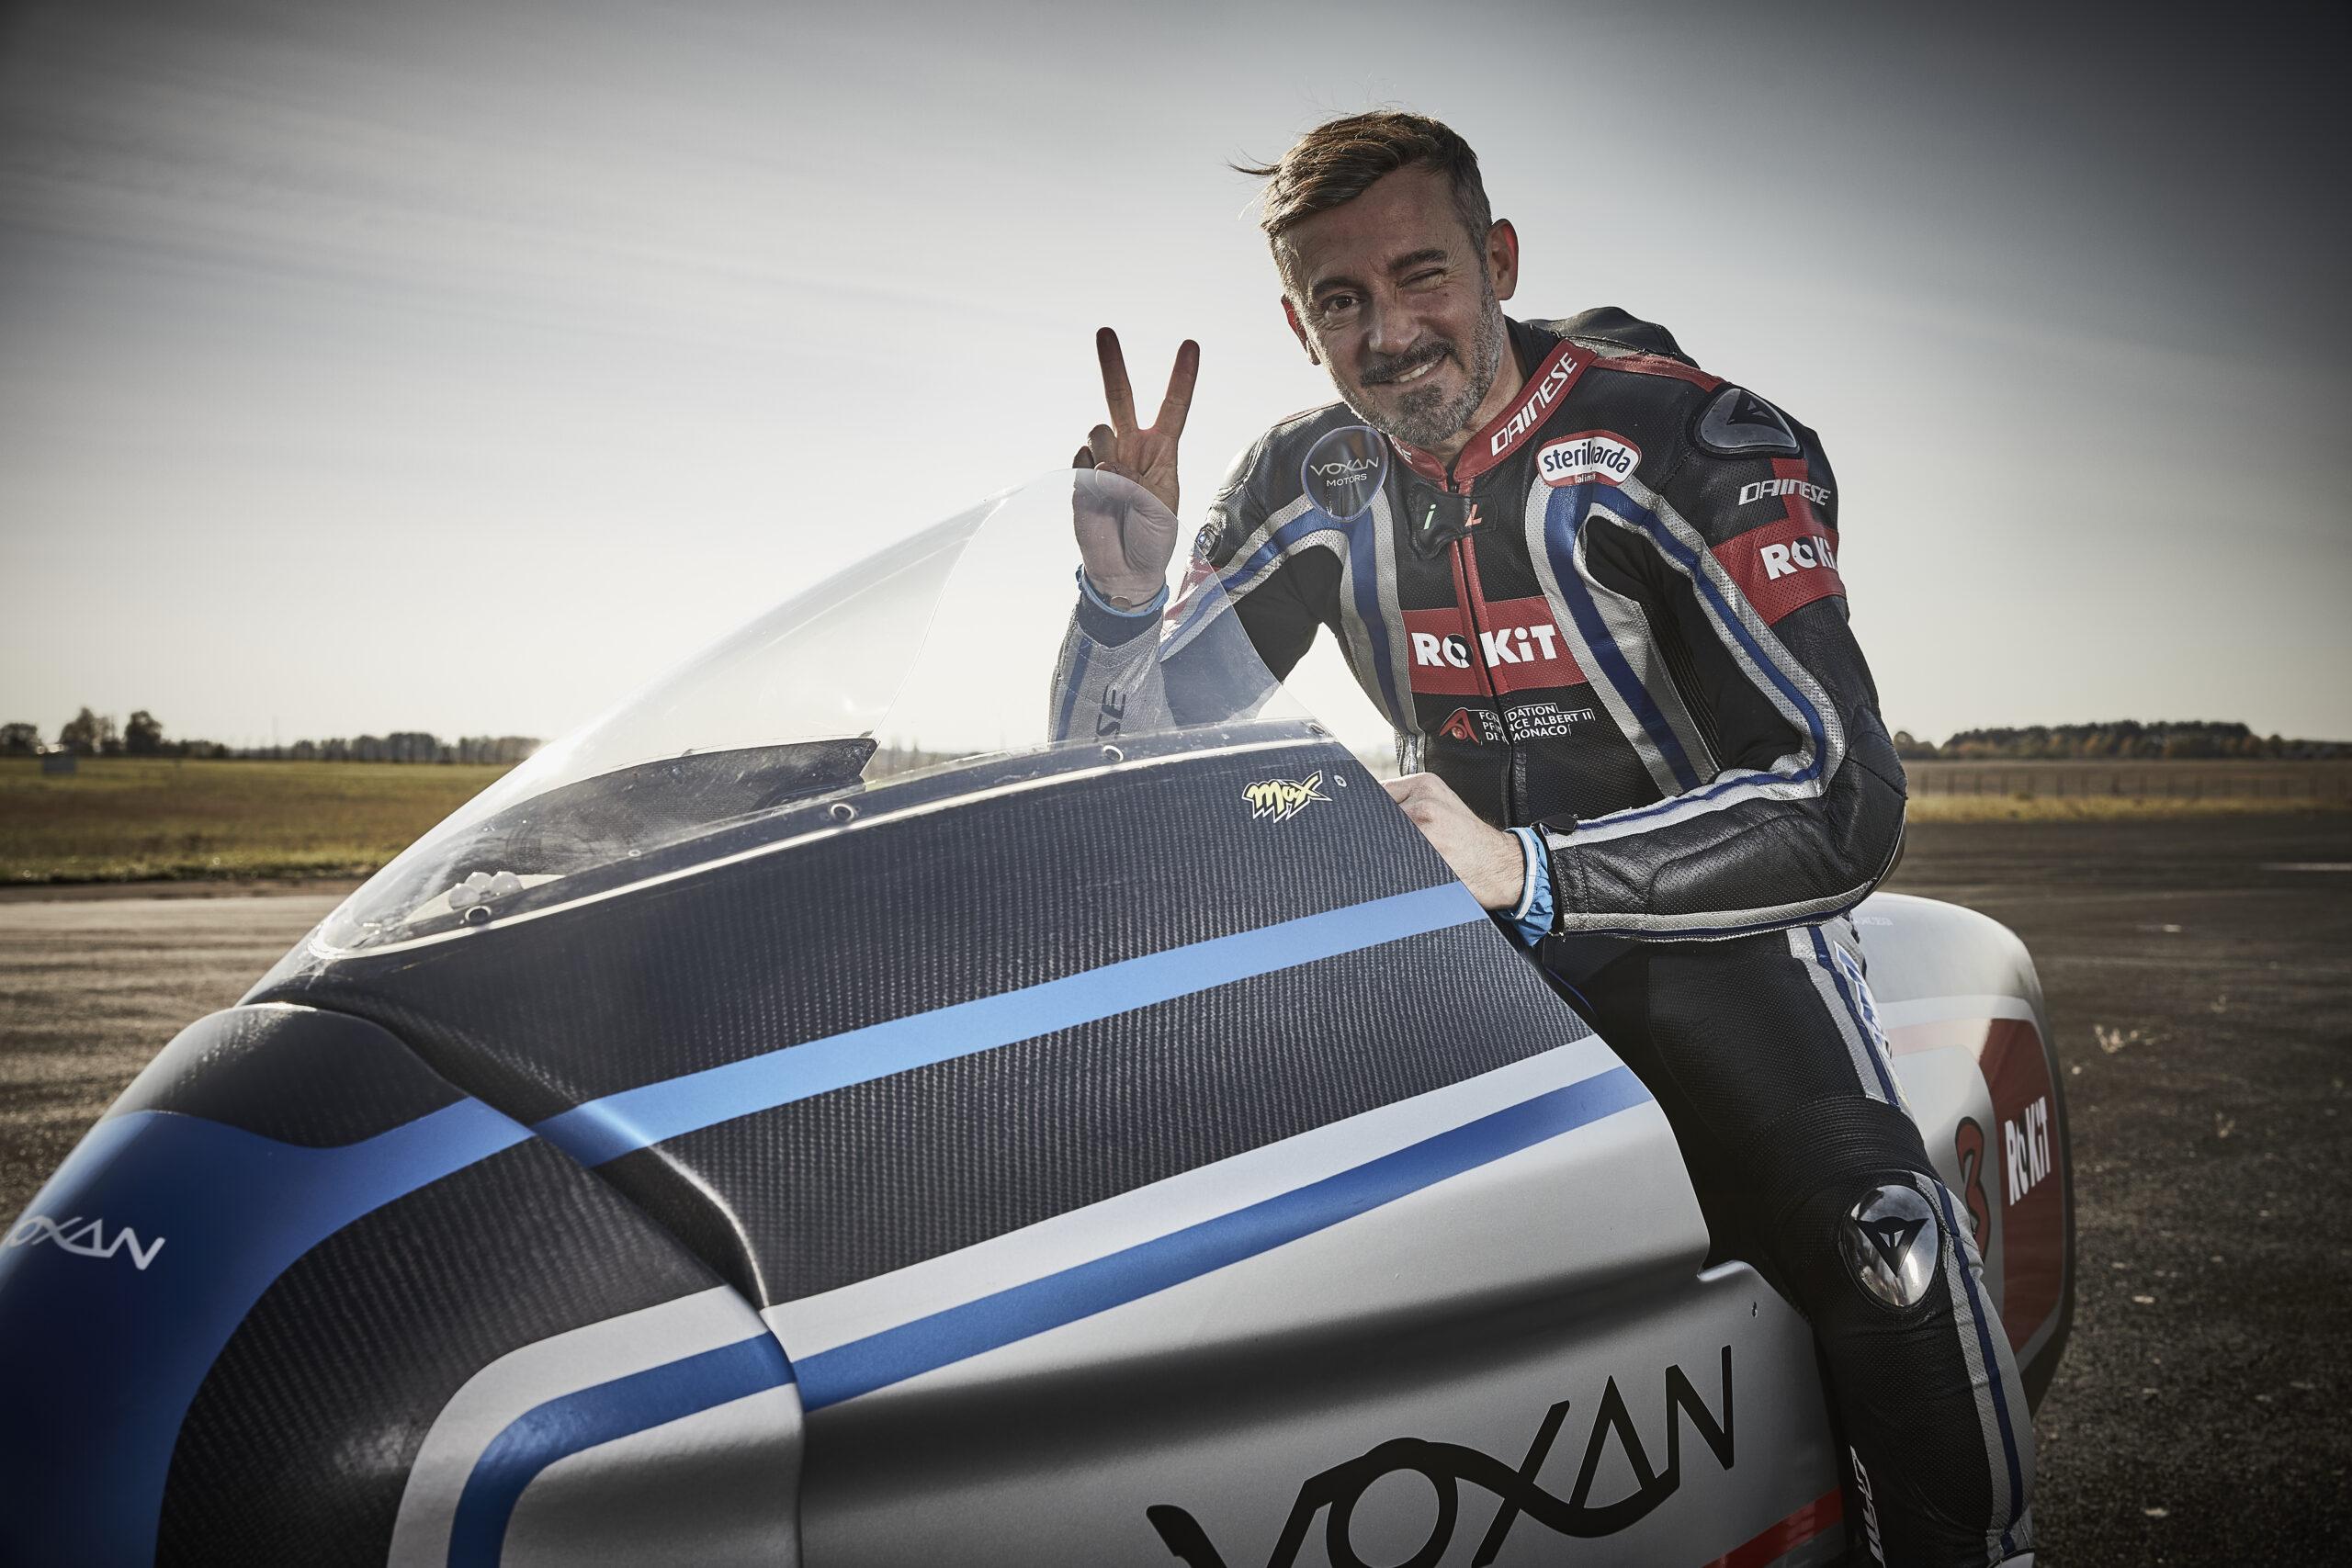 Max Biaggi ce l'ha fatta: su due ruote e ad emissioni zero oltre i 400 km/h